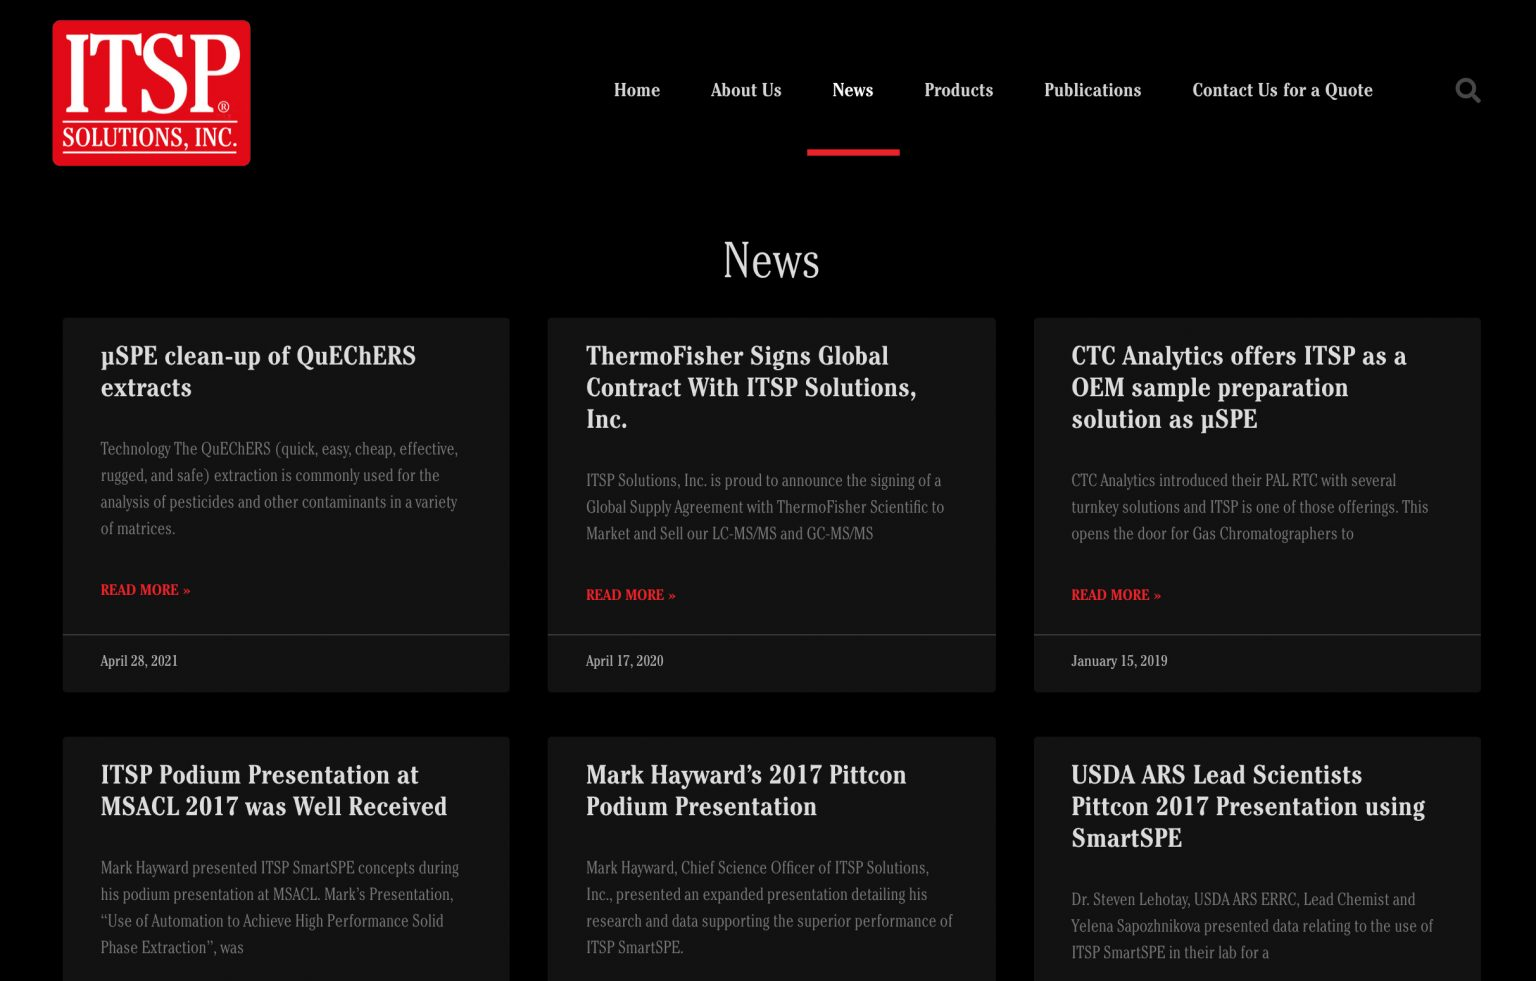 itsp-news